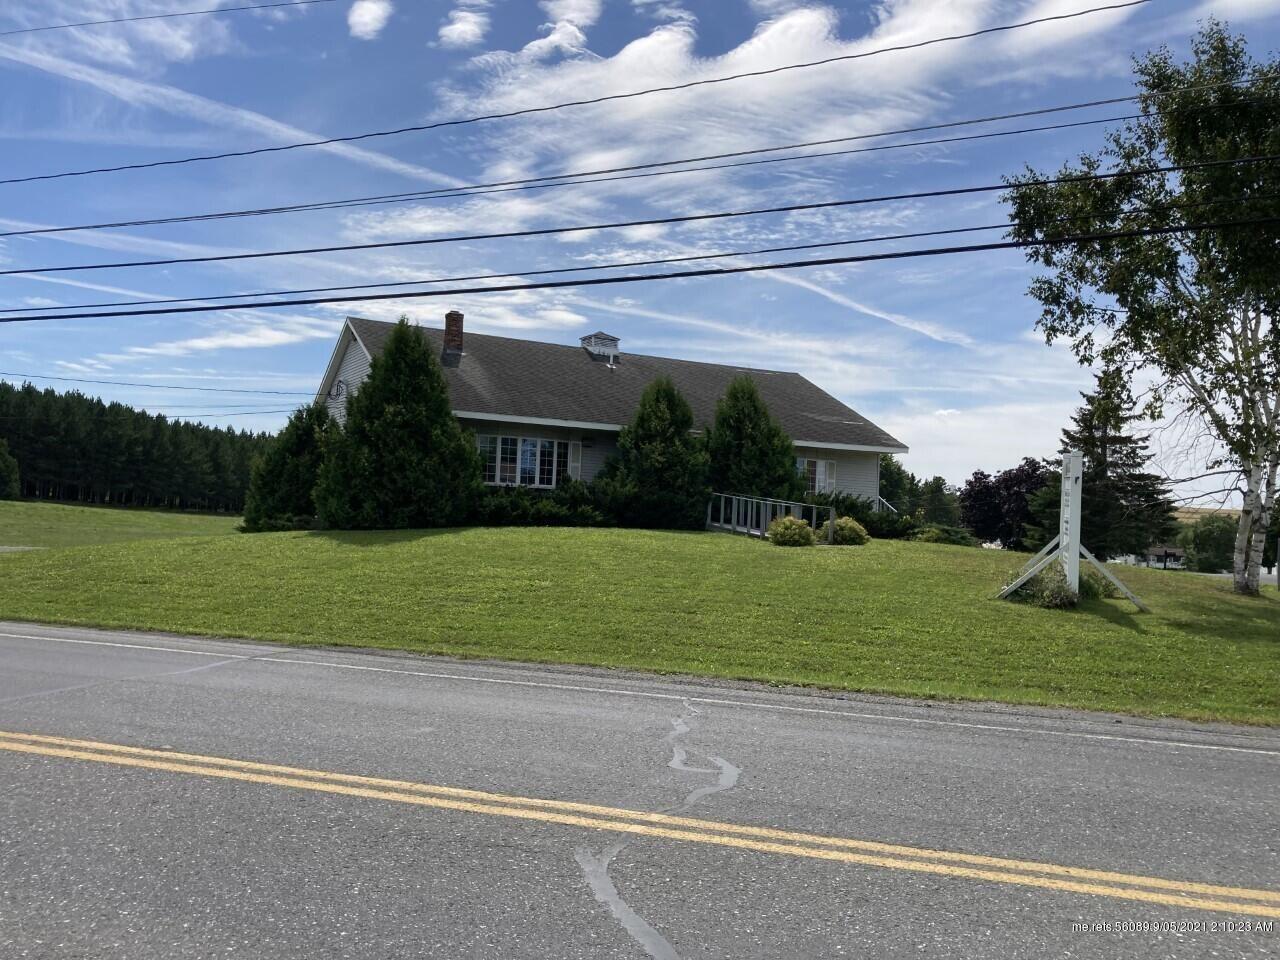 Photo of 184 Academy Street, Presque Isle, ME 04769 (MLS # 1507771)